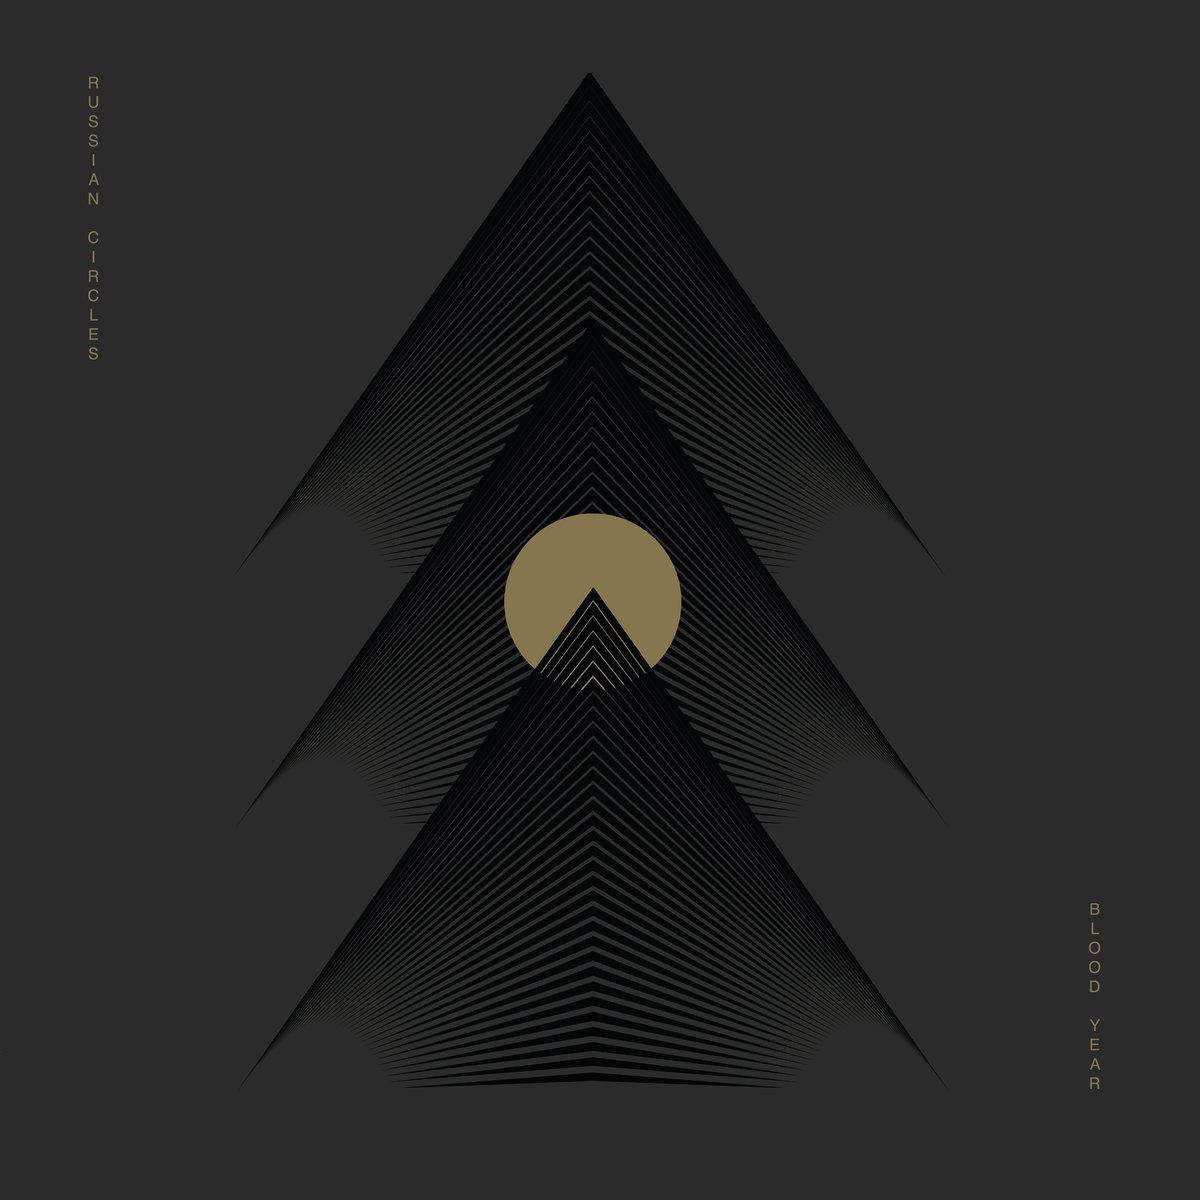 bzn album download torrent